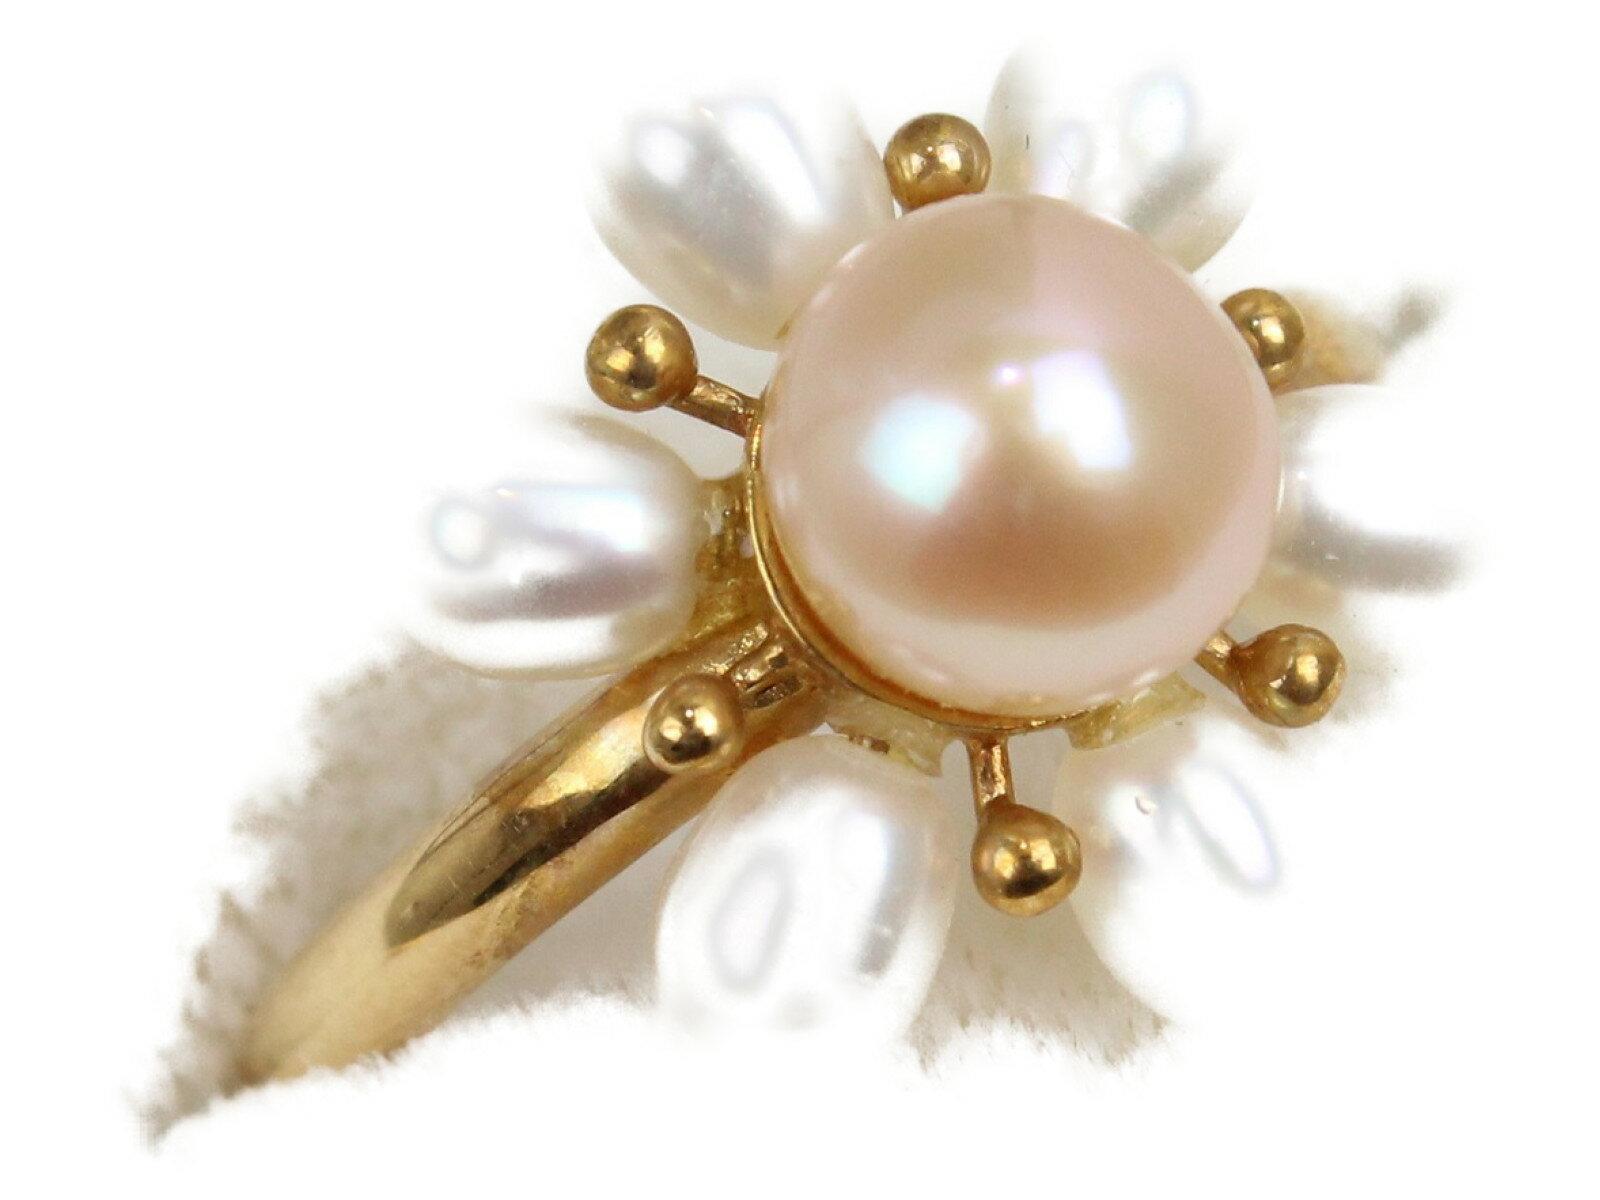 真珠お花モチーフリングパール K18 2.8g 9号カワイイ レディース ギフト包装可【中古】